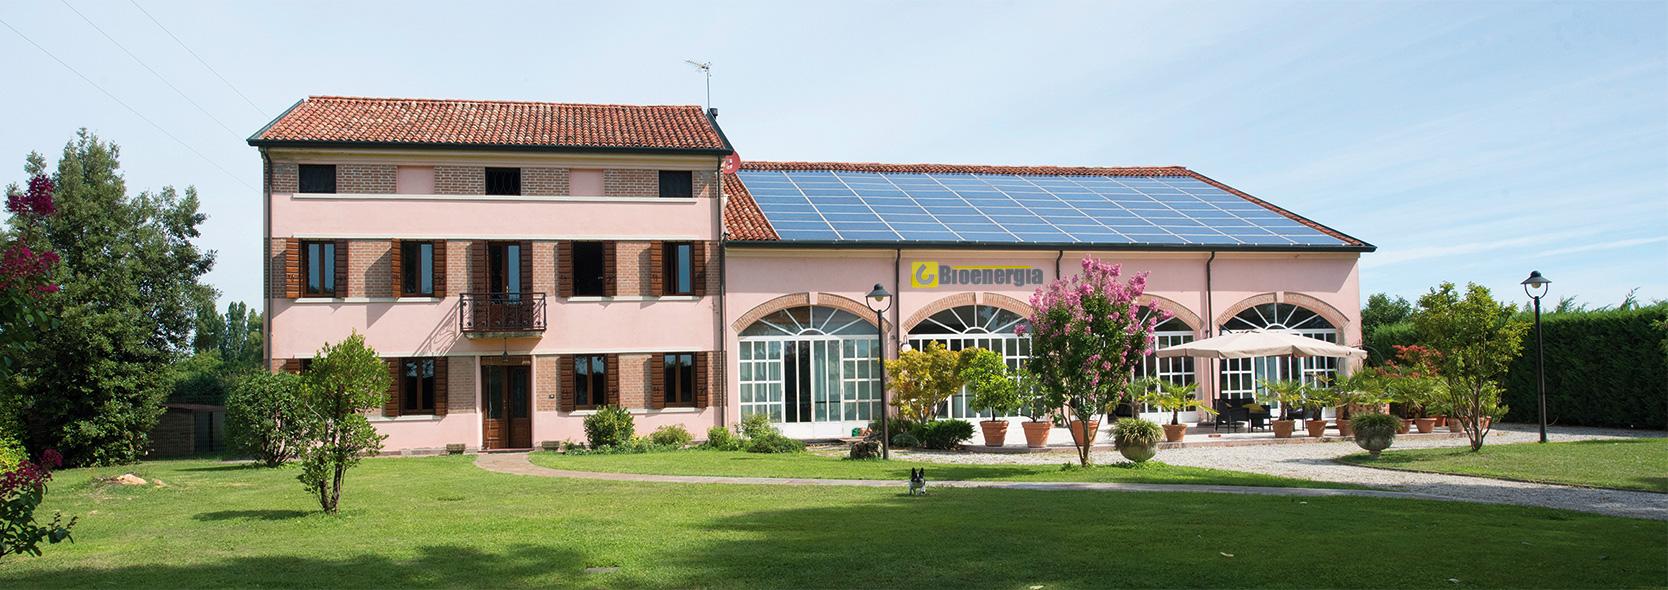 Azienda Bioenergia